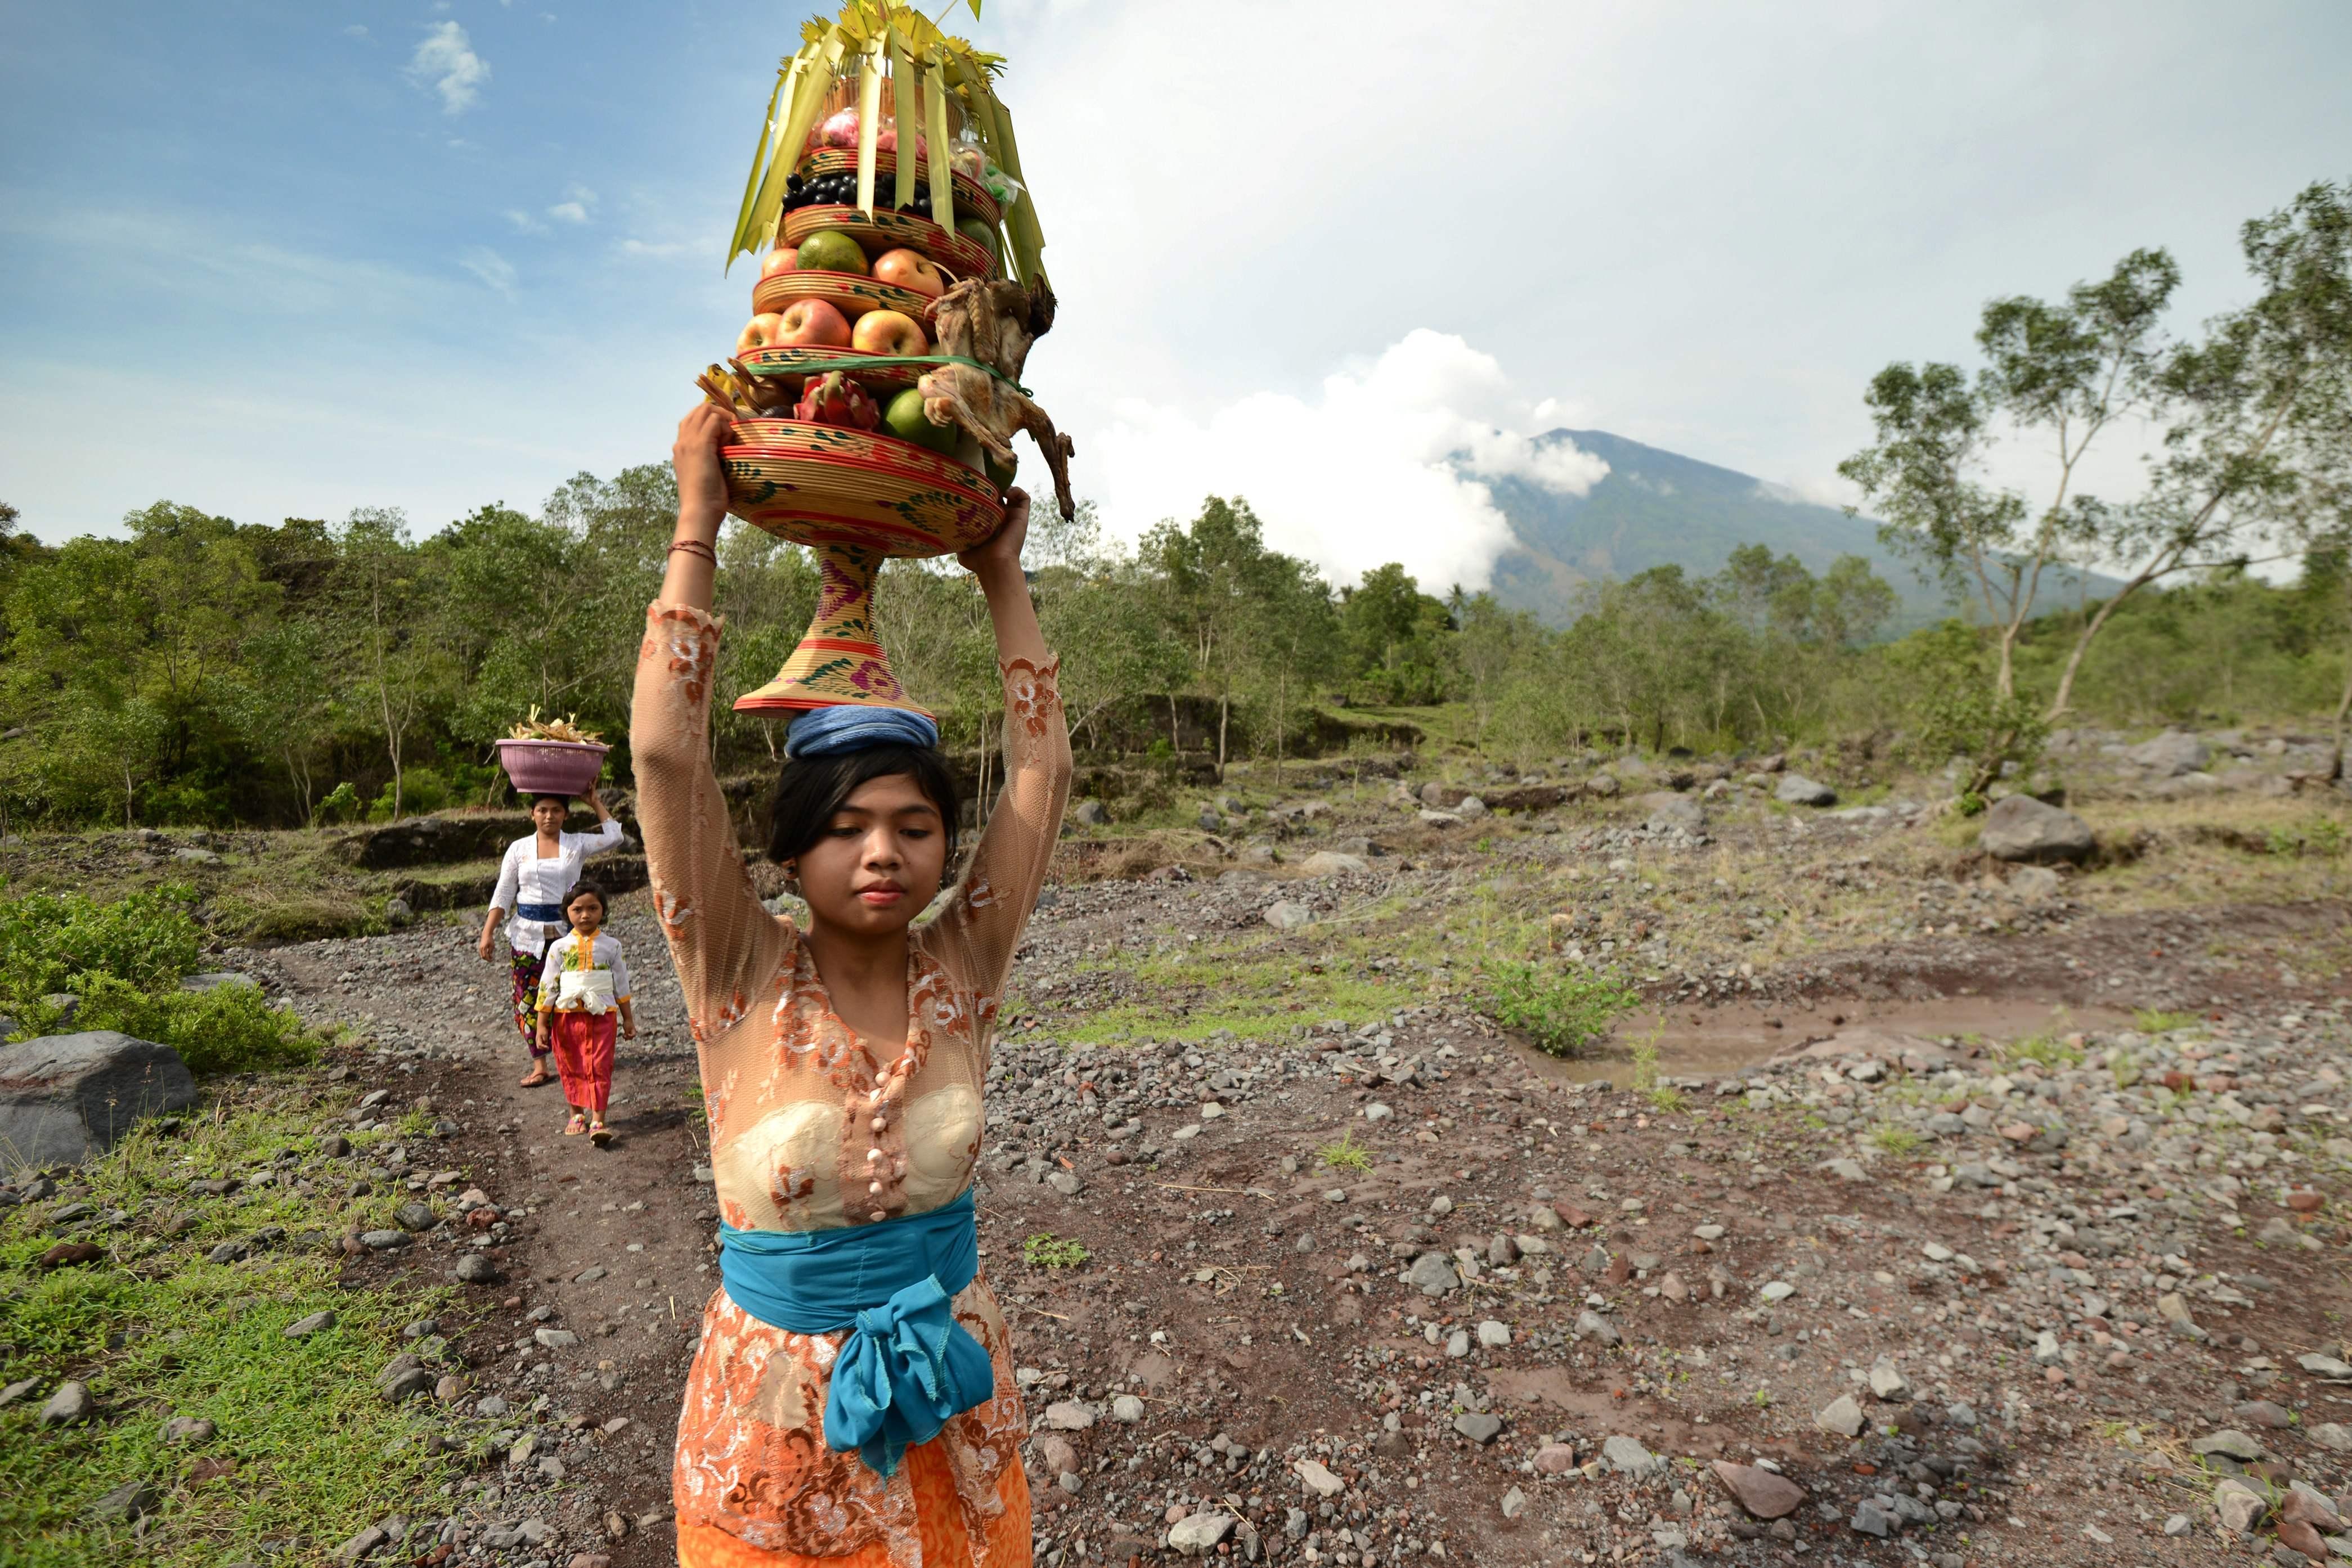 قبائل الهندوس فى إندونيسيا تحمل قرابين أثناء توجهها للمعابد